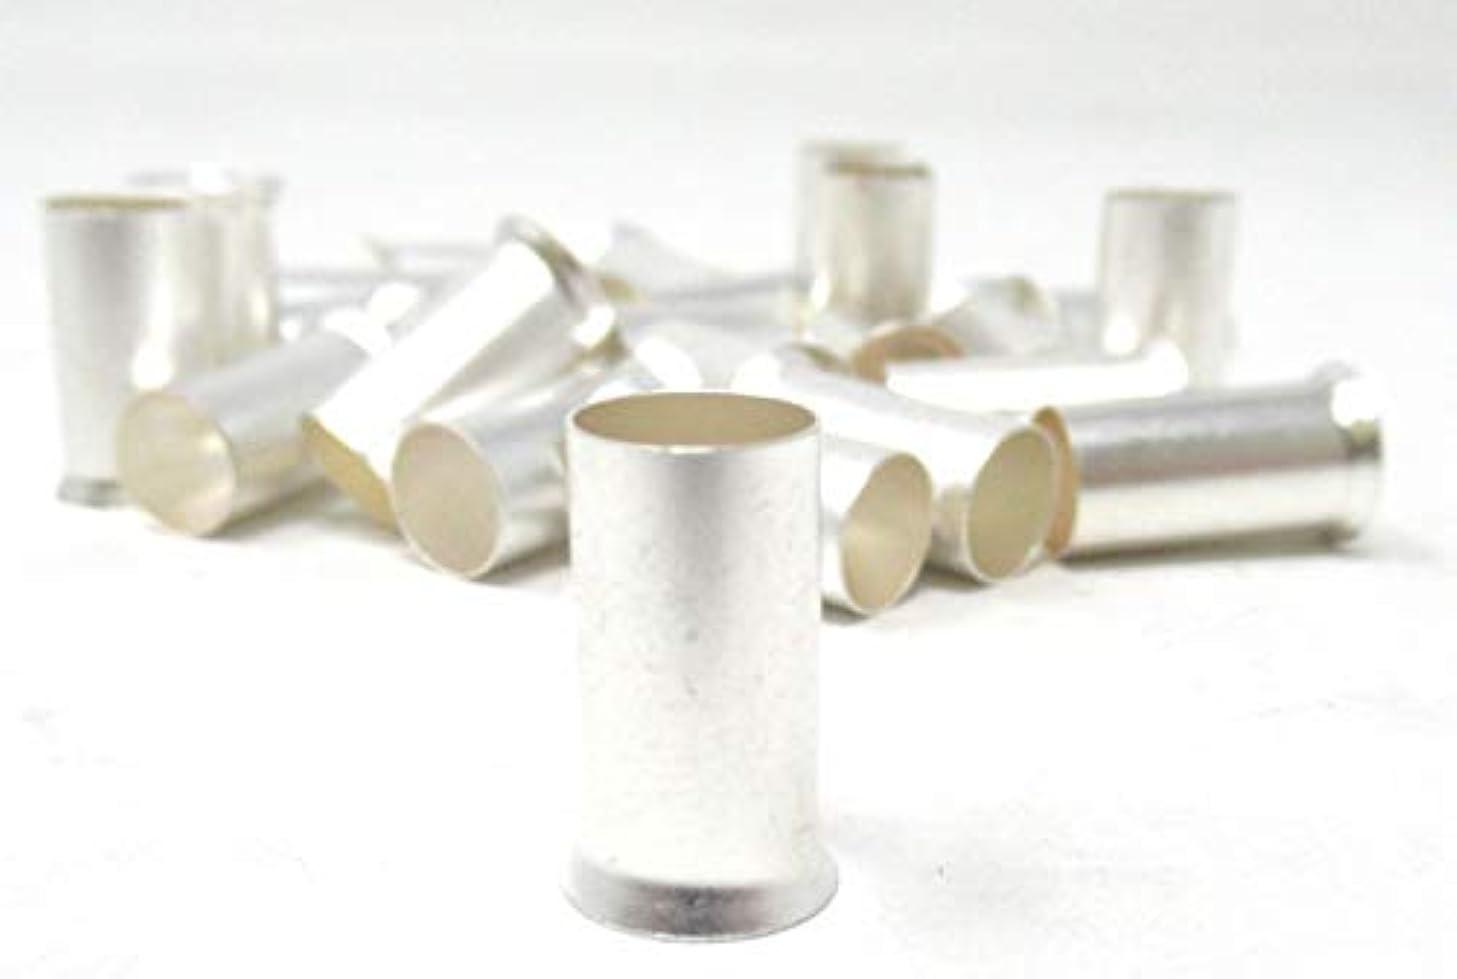 25 PK 4 Gauge Uninsulated Wire Ferrules Crimp Ferrules